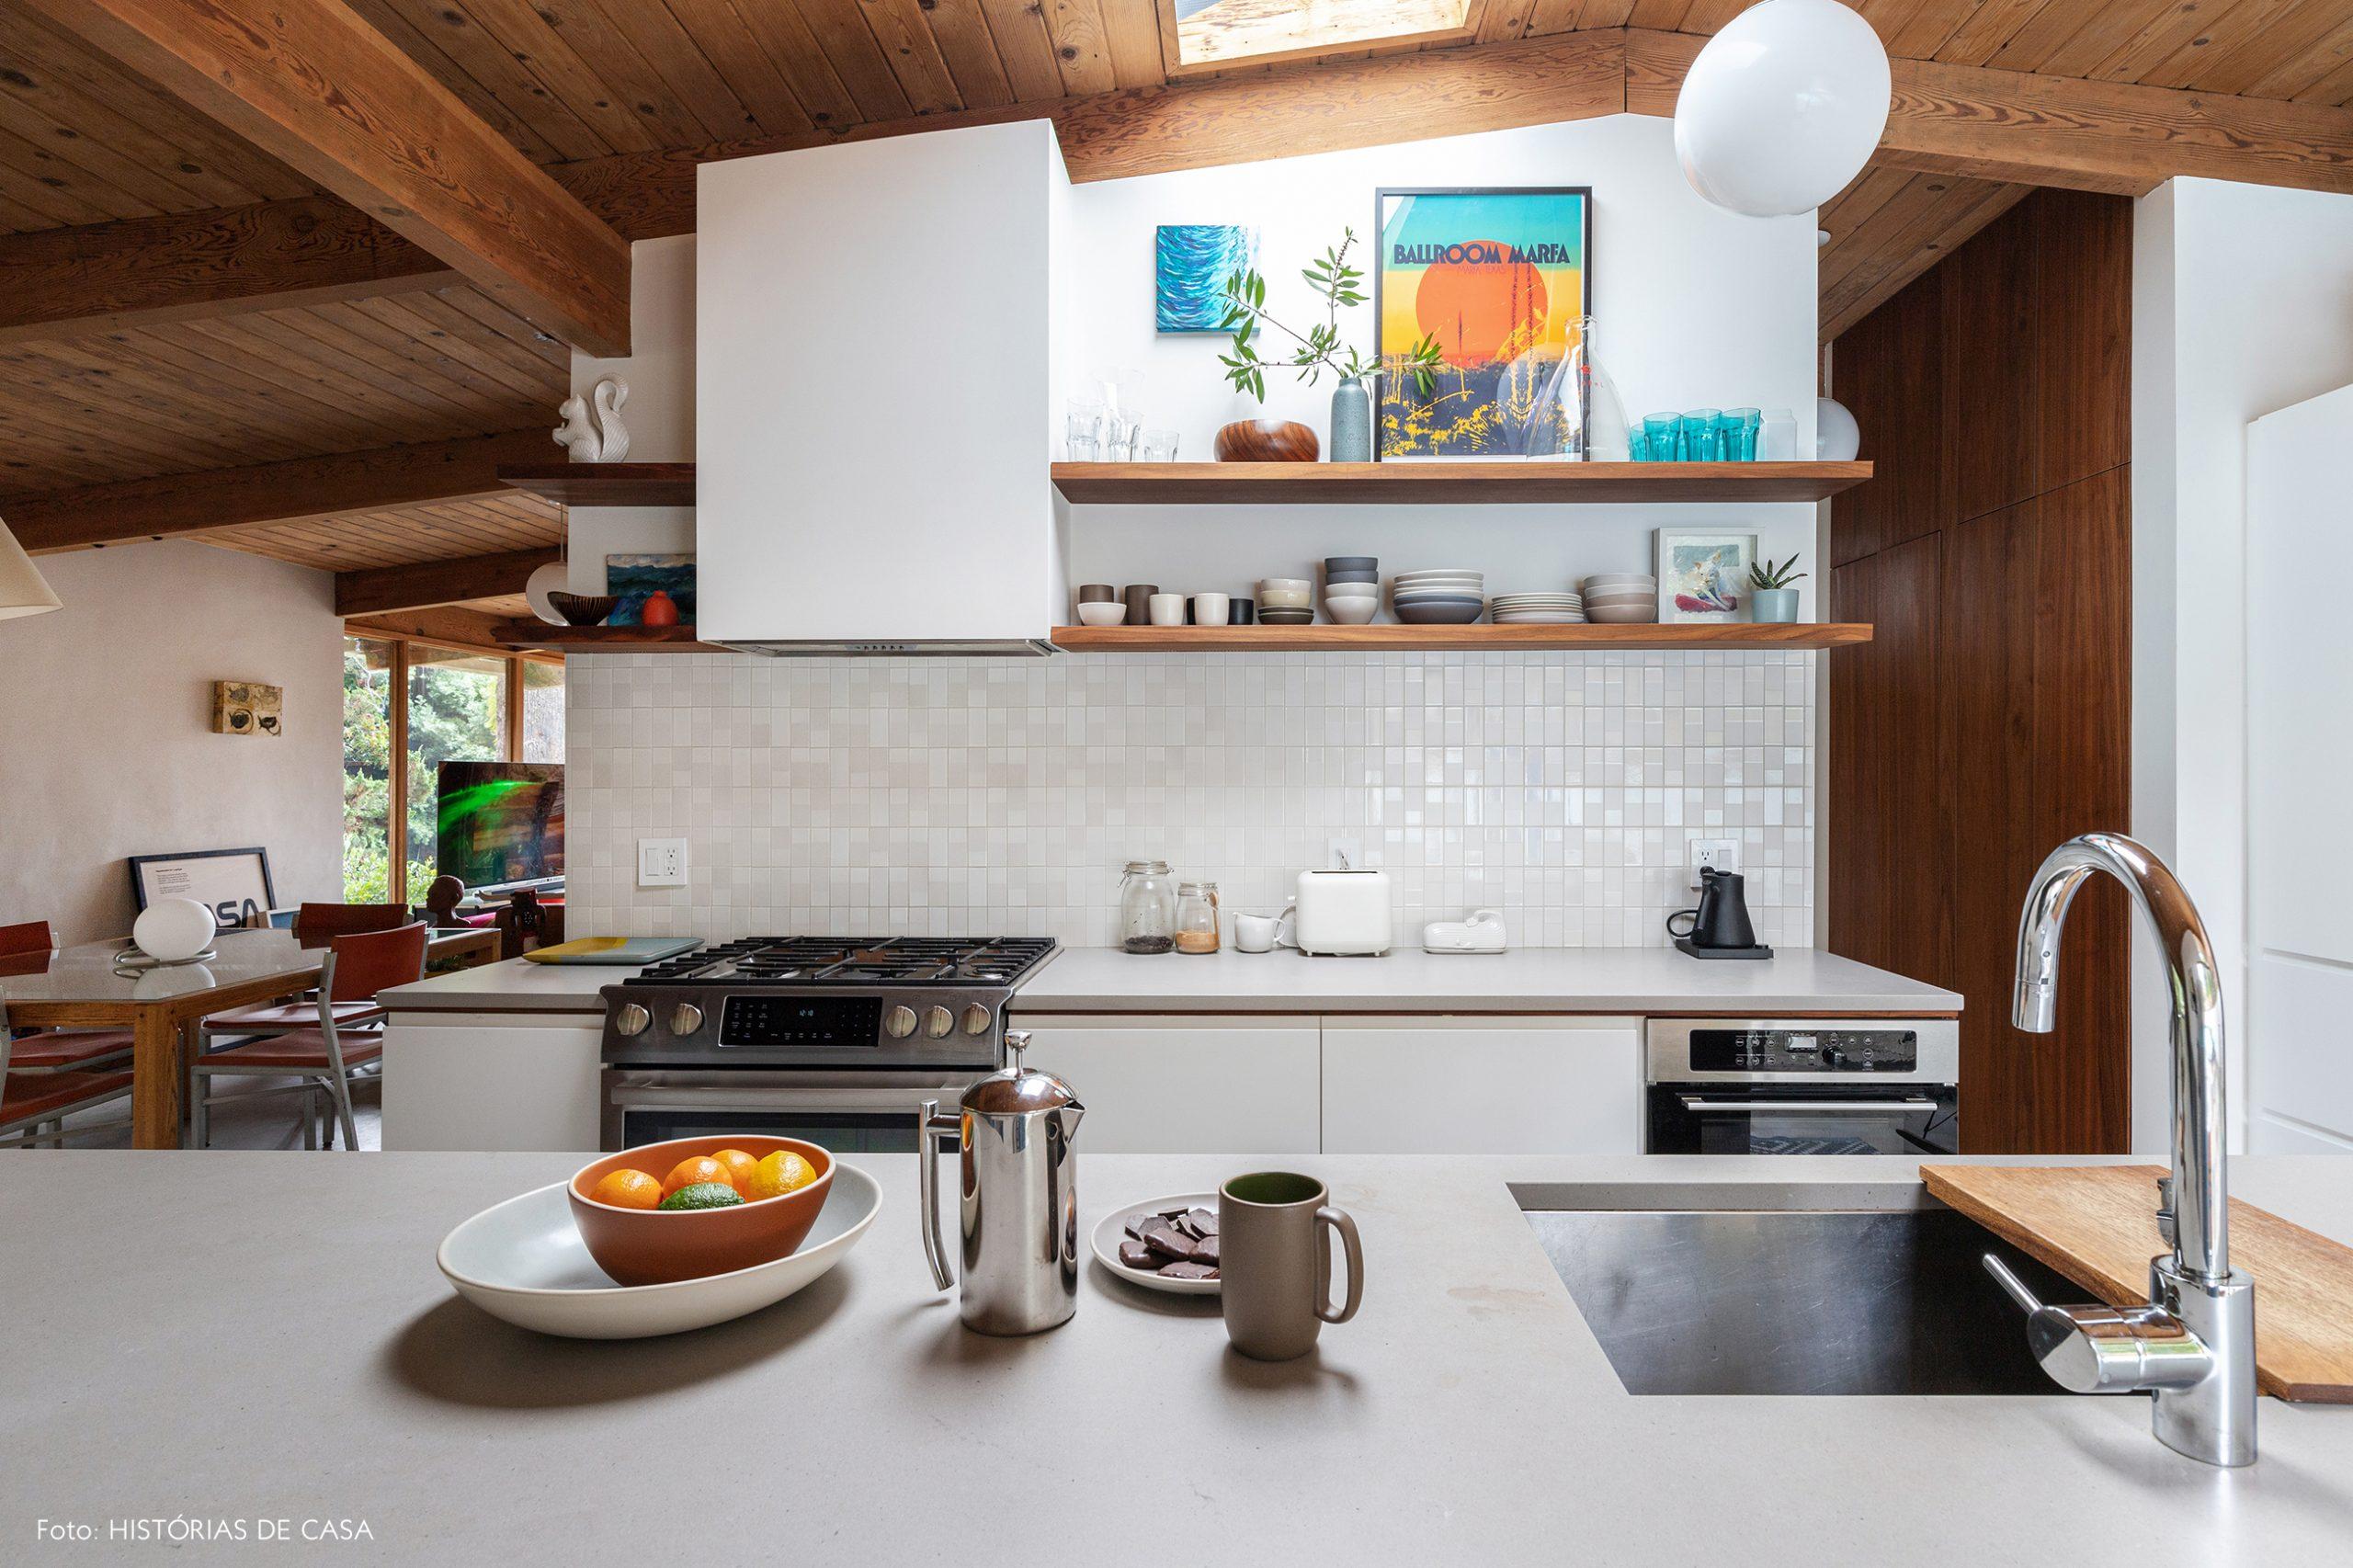 decoração casa cozinha com bancadas brancas e prateleiras de madeira